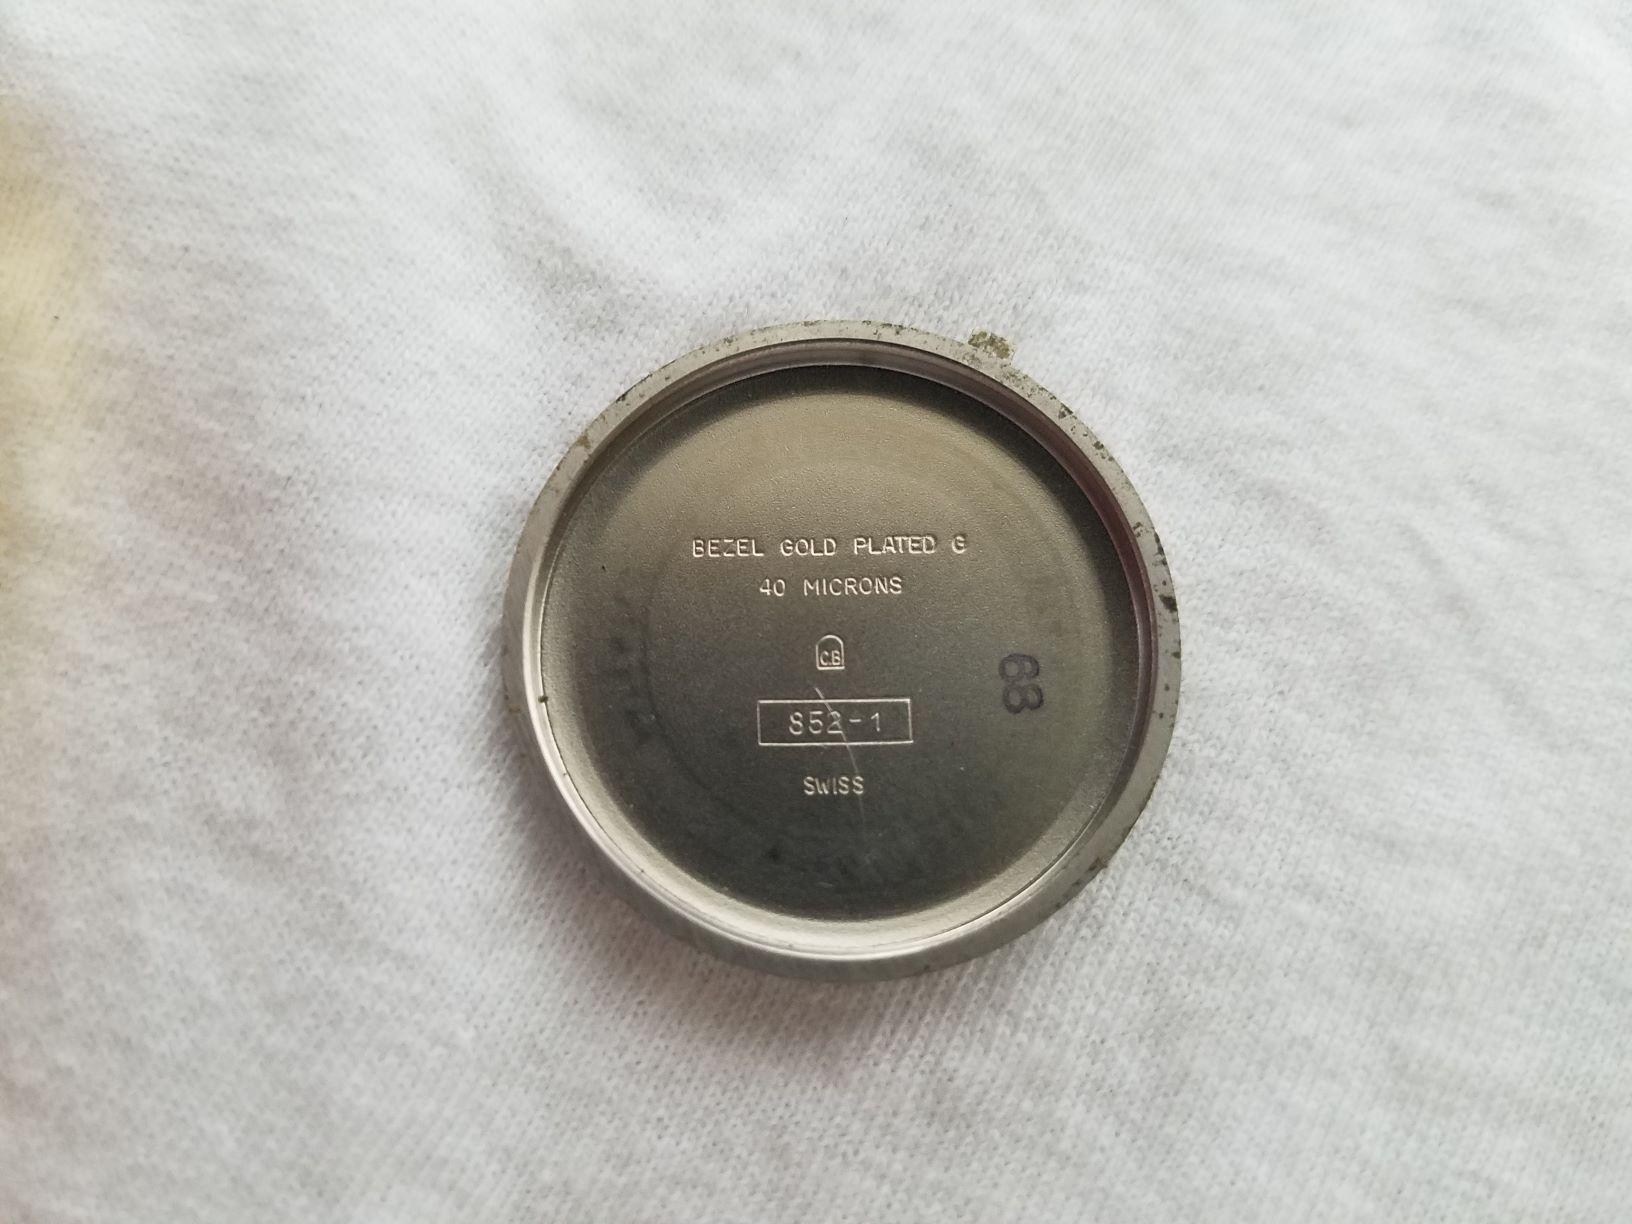 [field_year-1970] Bulova Watch Caseback Inside